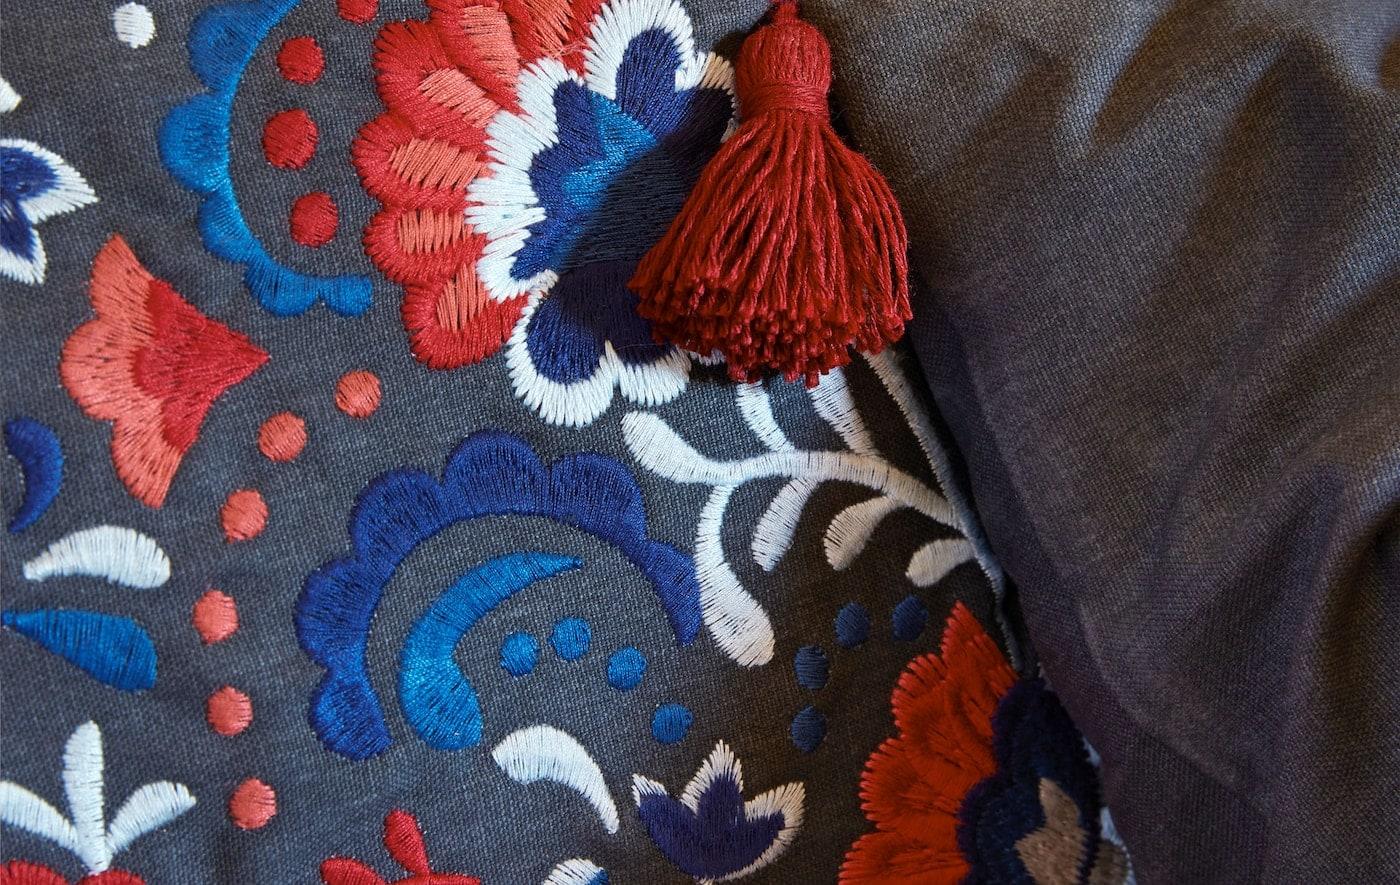 Detail vyšívaného potahu polštáře, lidový vzor, z rohu visí střepeček